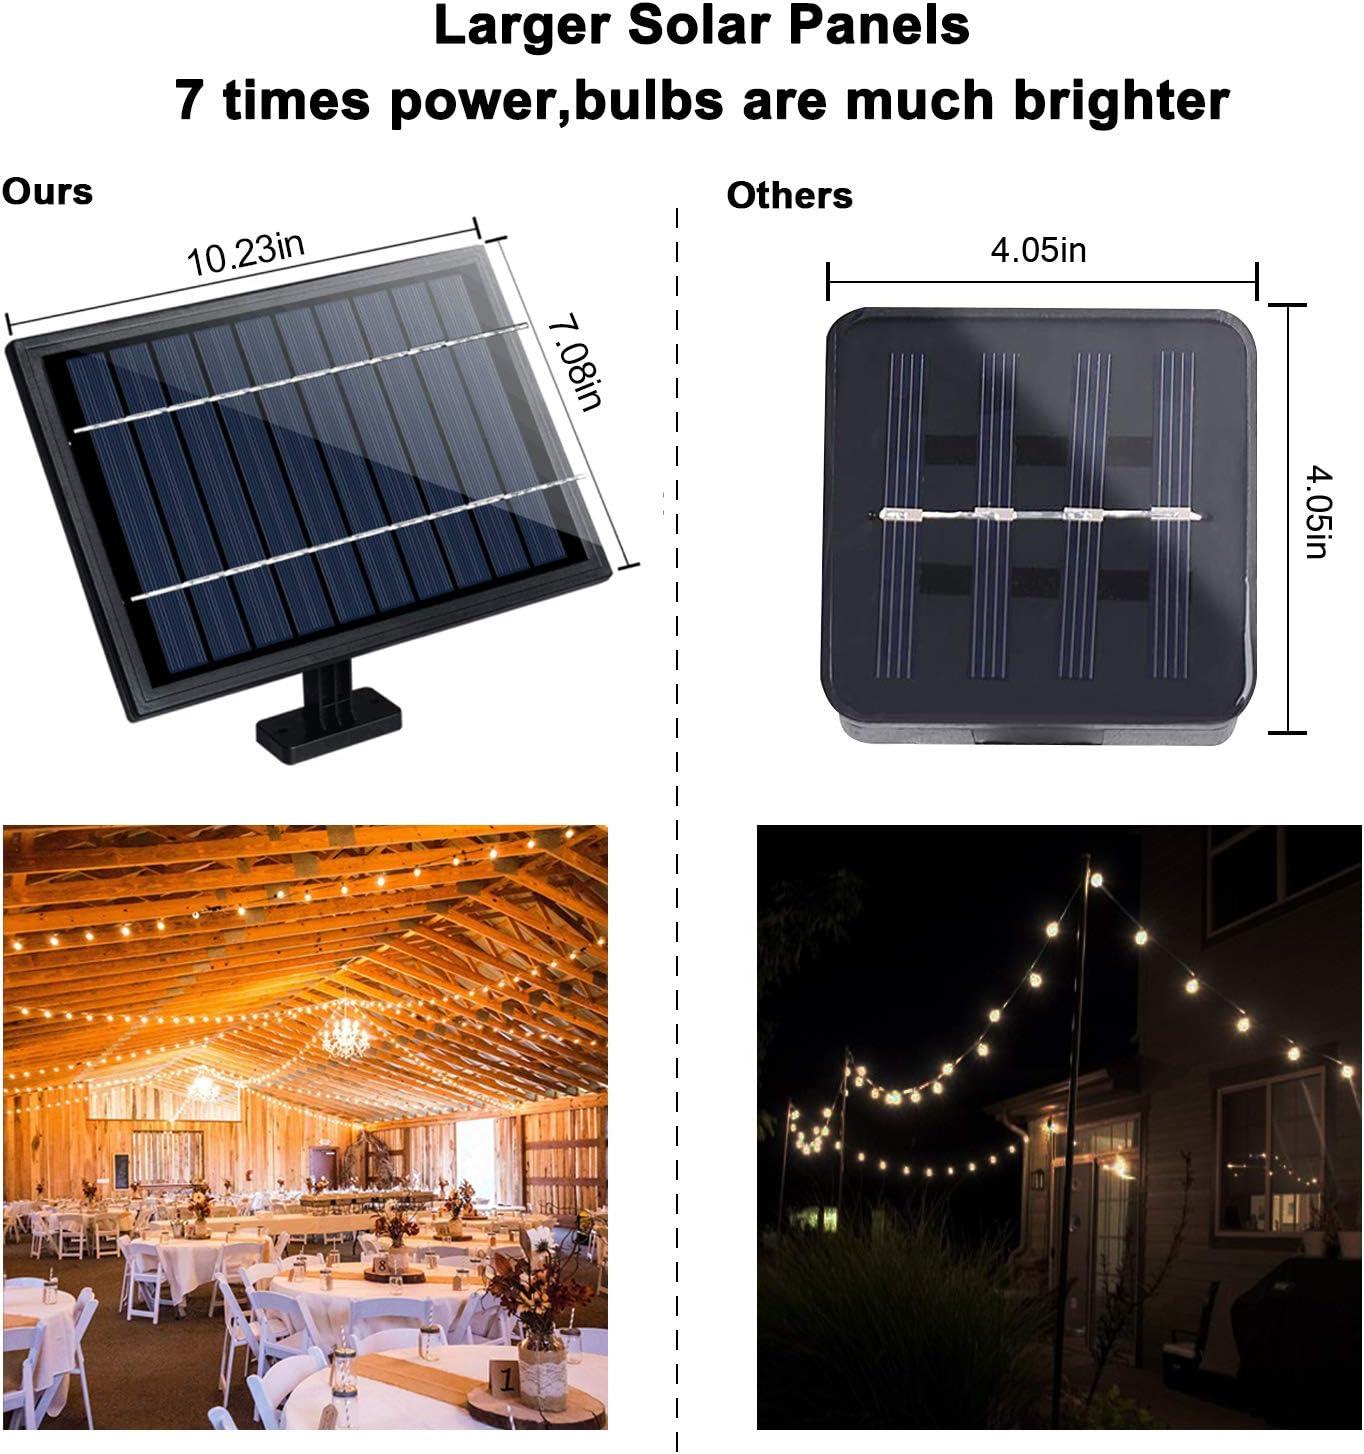 Svater Solares Cadena de Bombillas Las Luces de la Secuencia de Los 52 Bulbos Luces del Patio Para el Café del PóRtico del Partido: Amazon.es: Iluminación